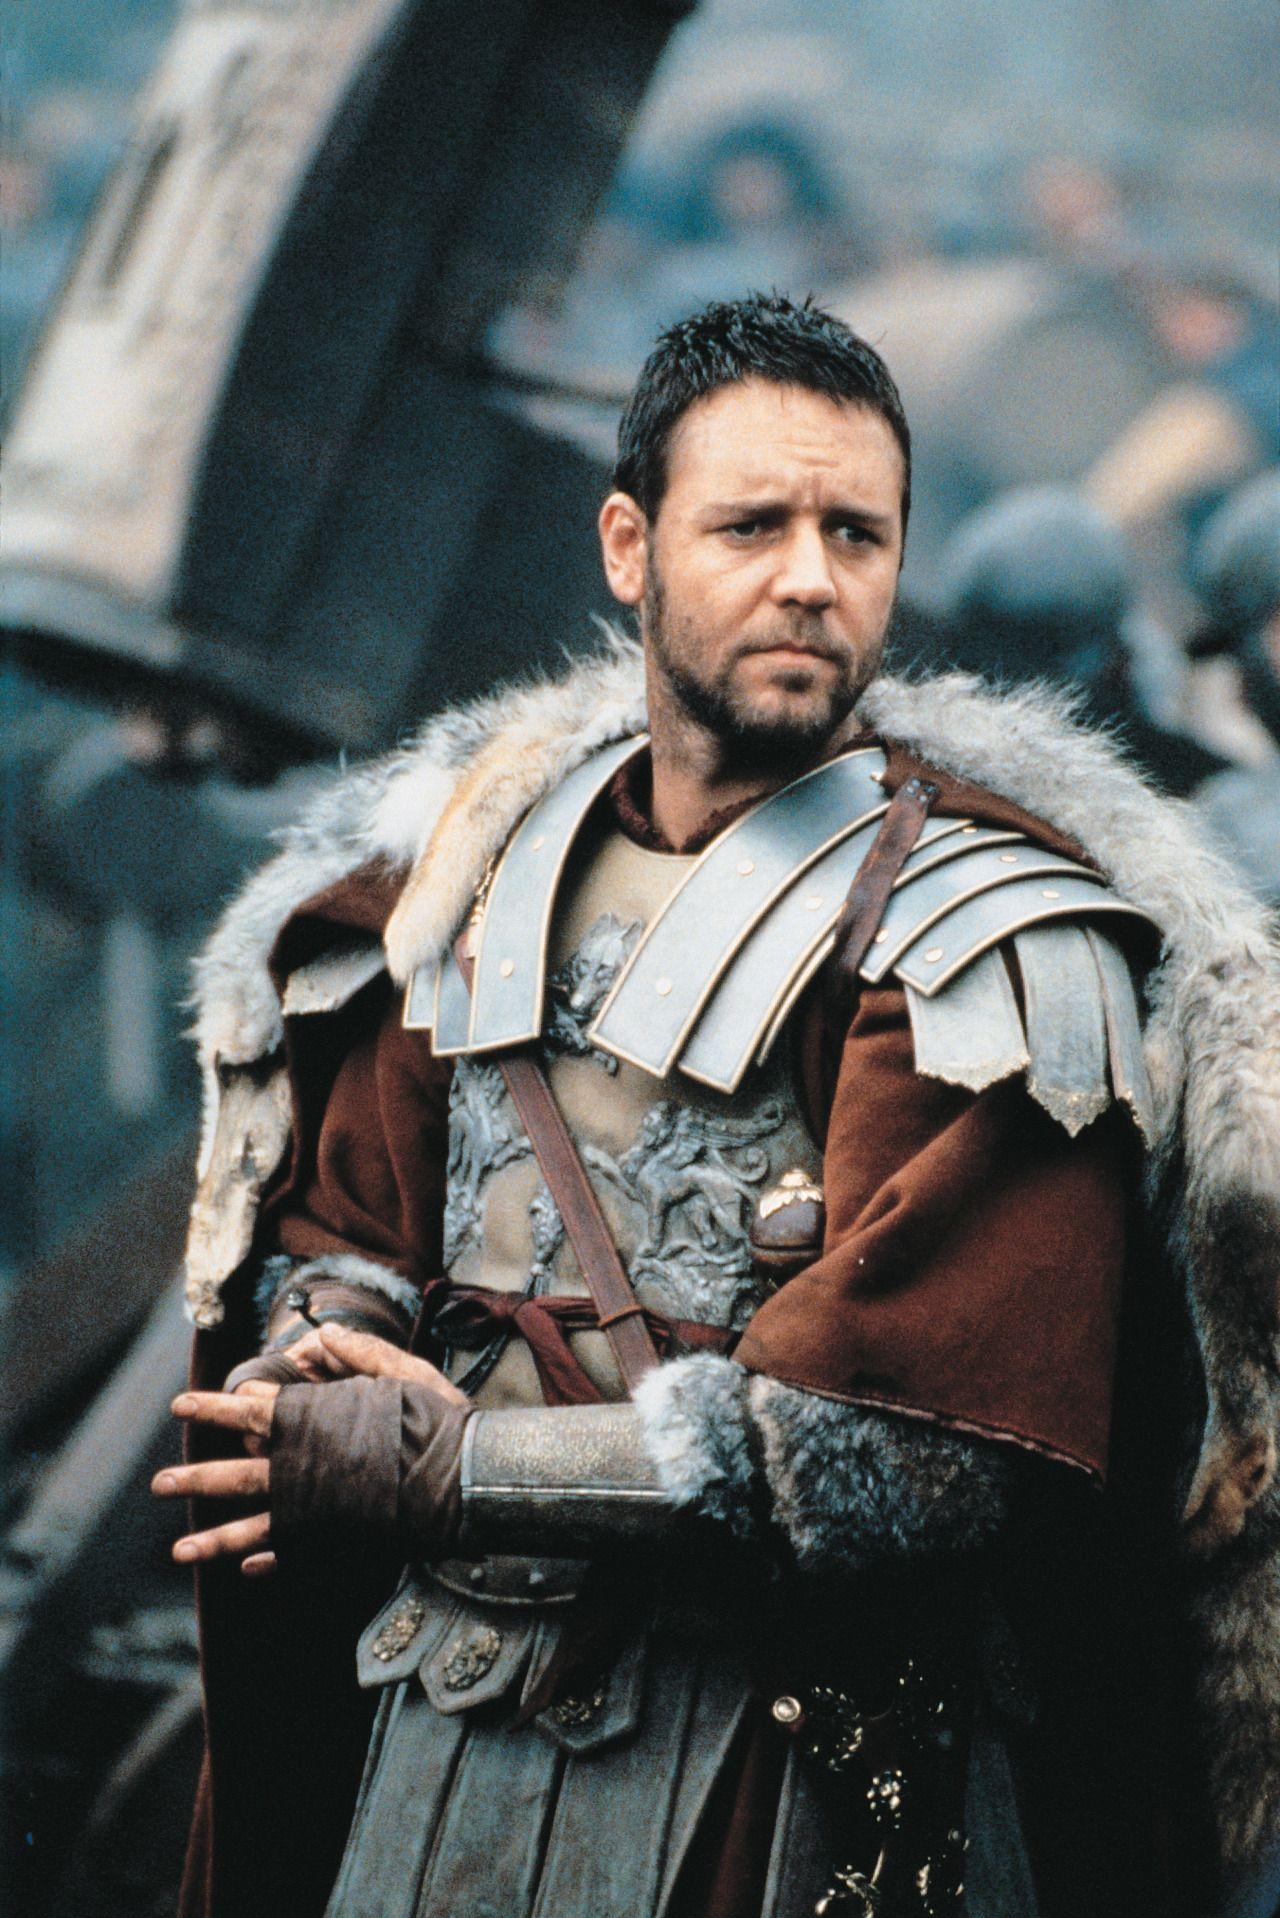 Gladiator (2000) in 2020 Gladiator movie, Gladiator